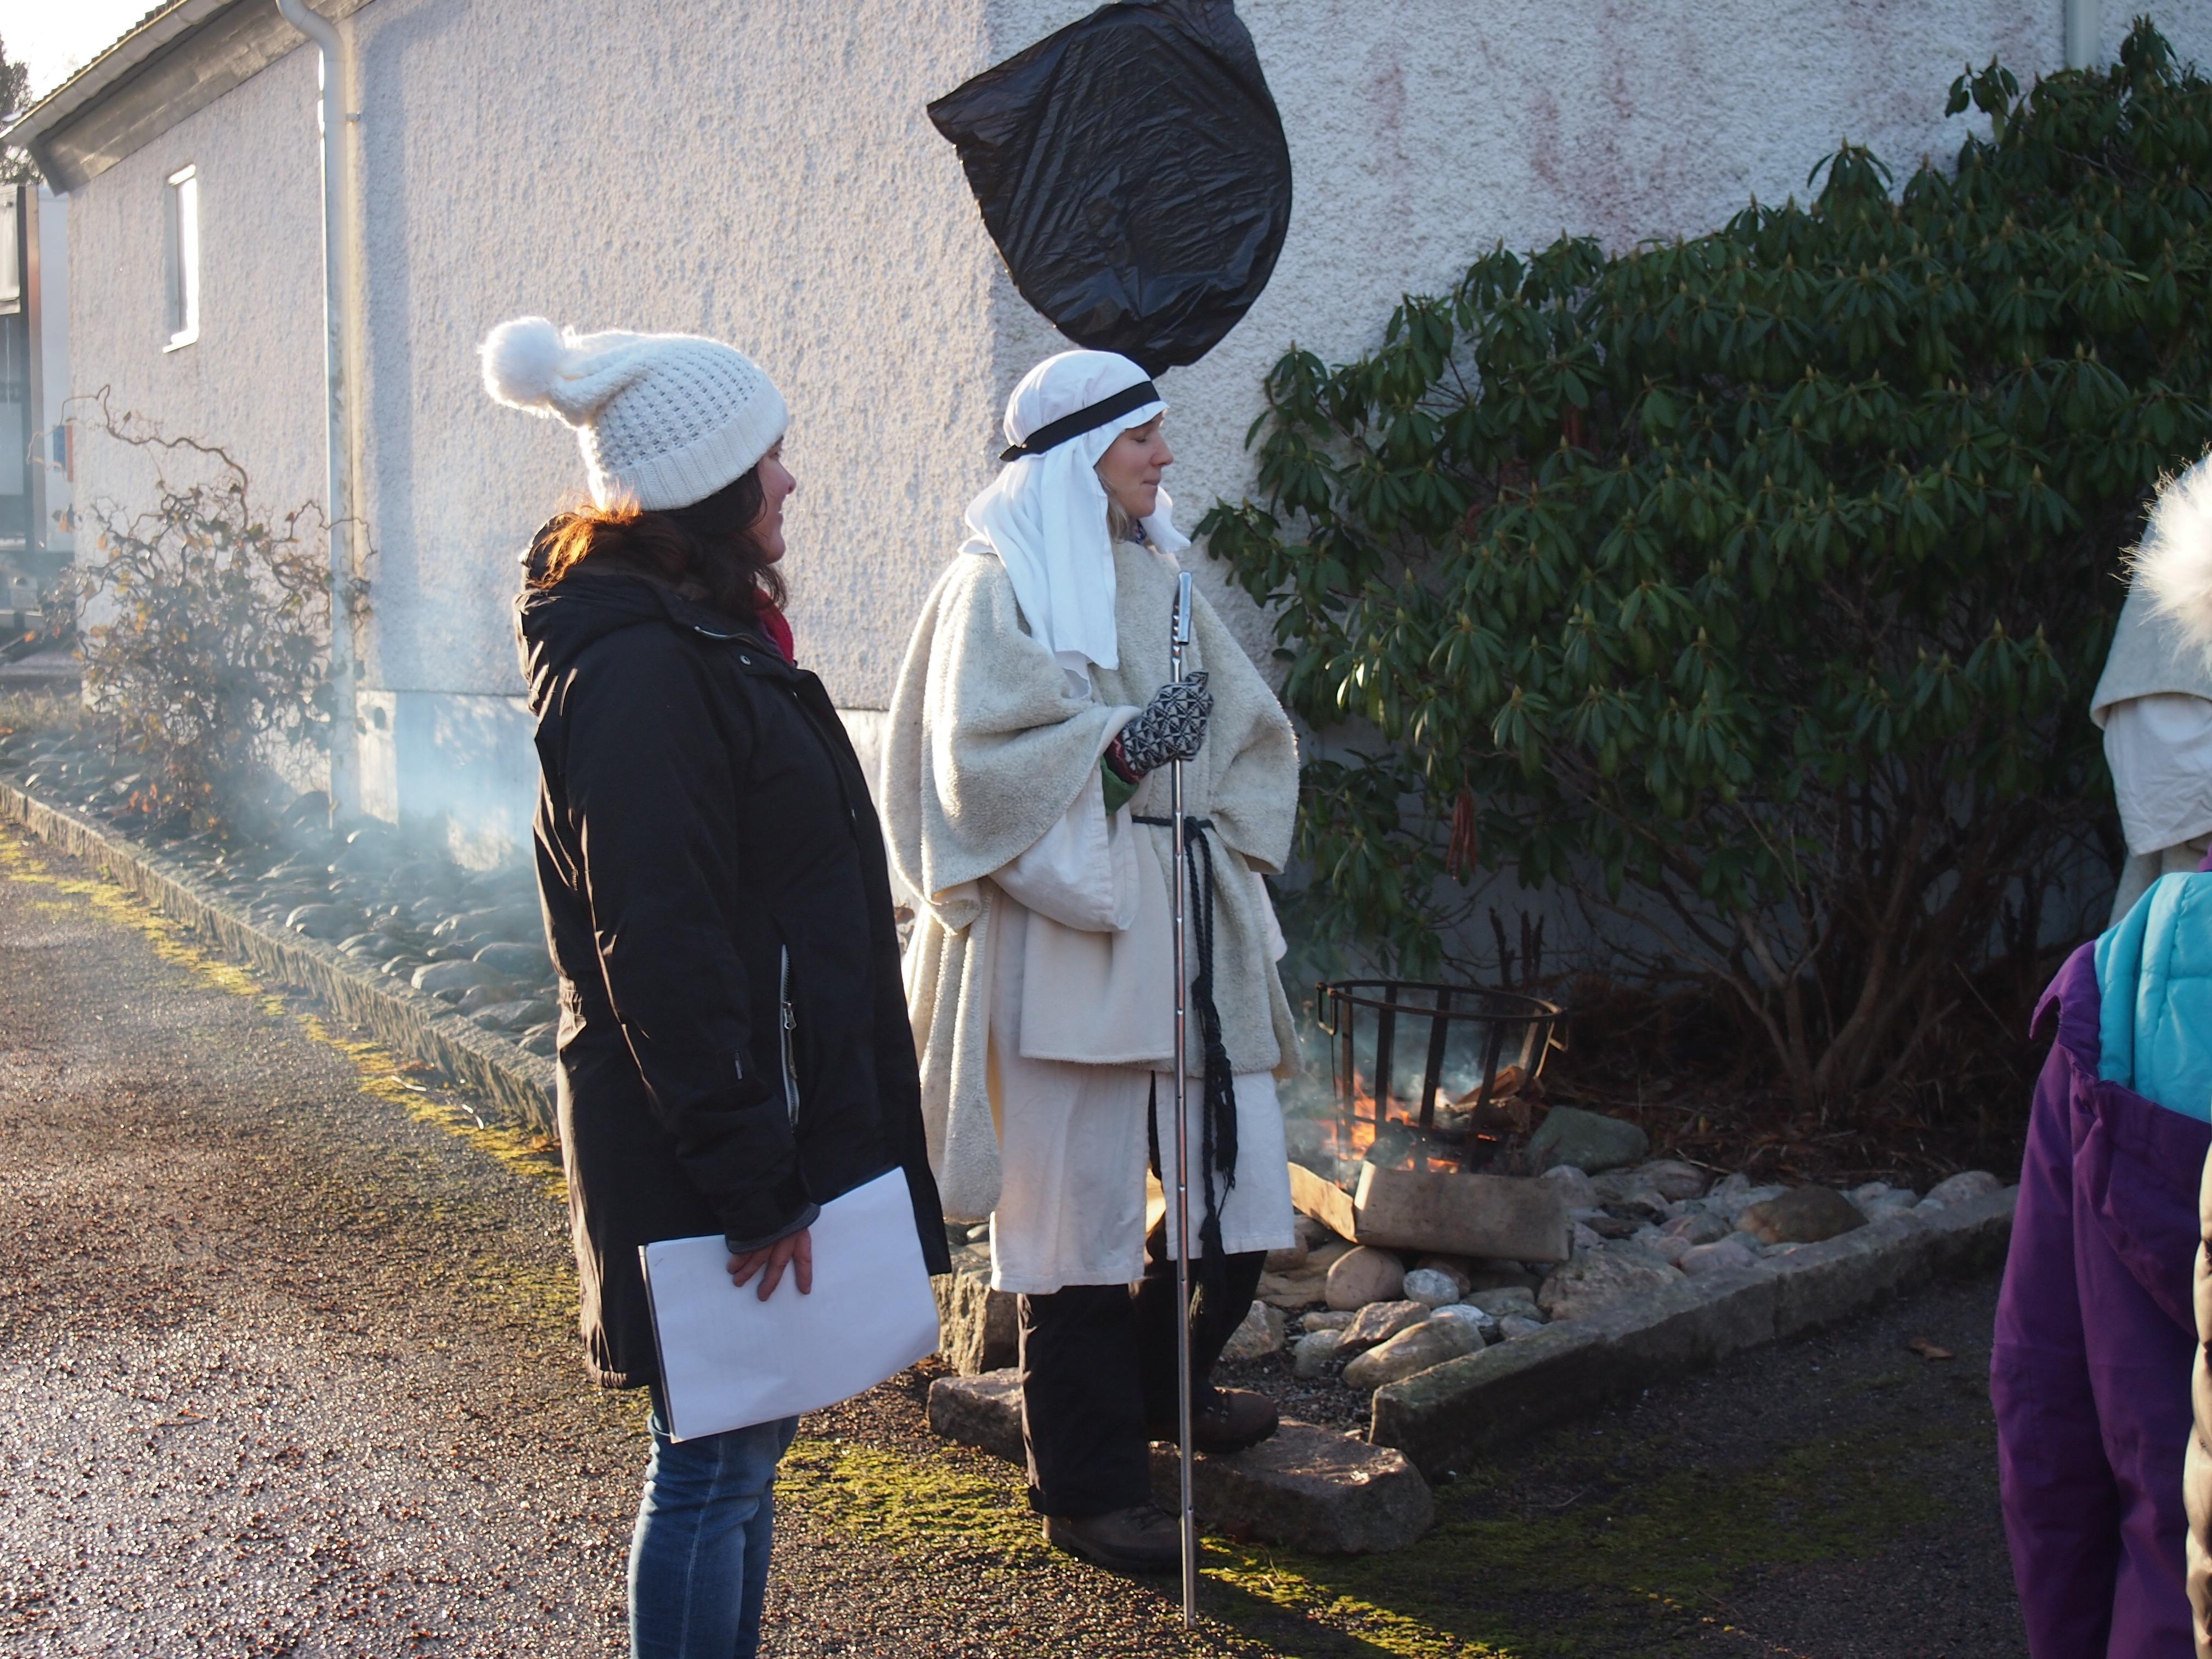 Levande julkrubba 2016. Valla församling. Foto Carina Etander Rimborg.